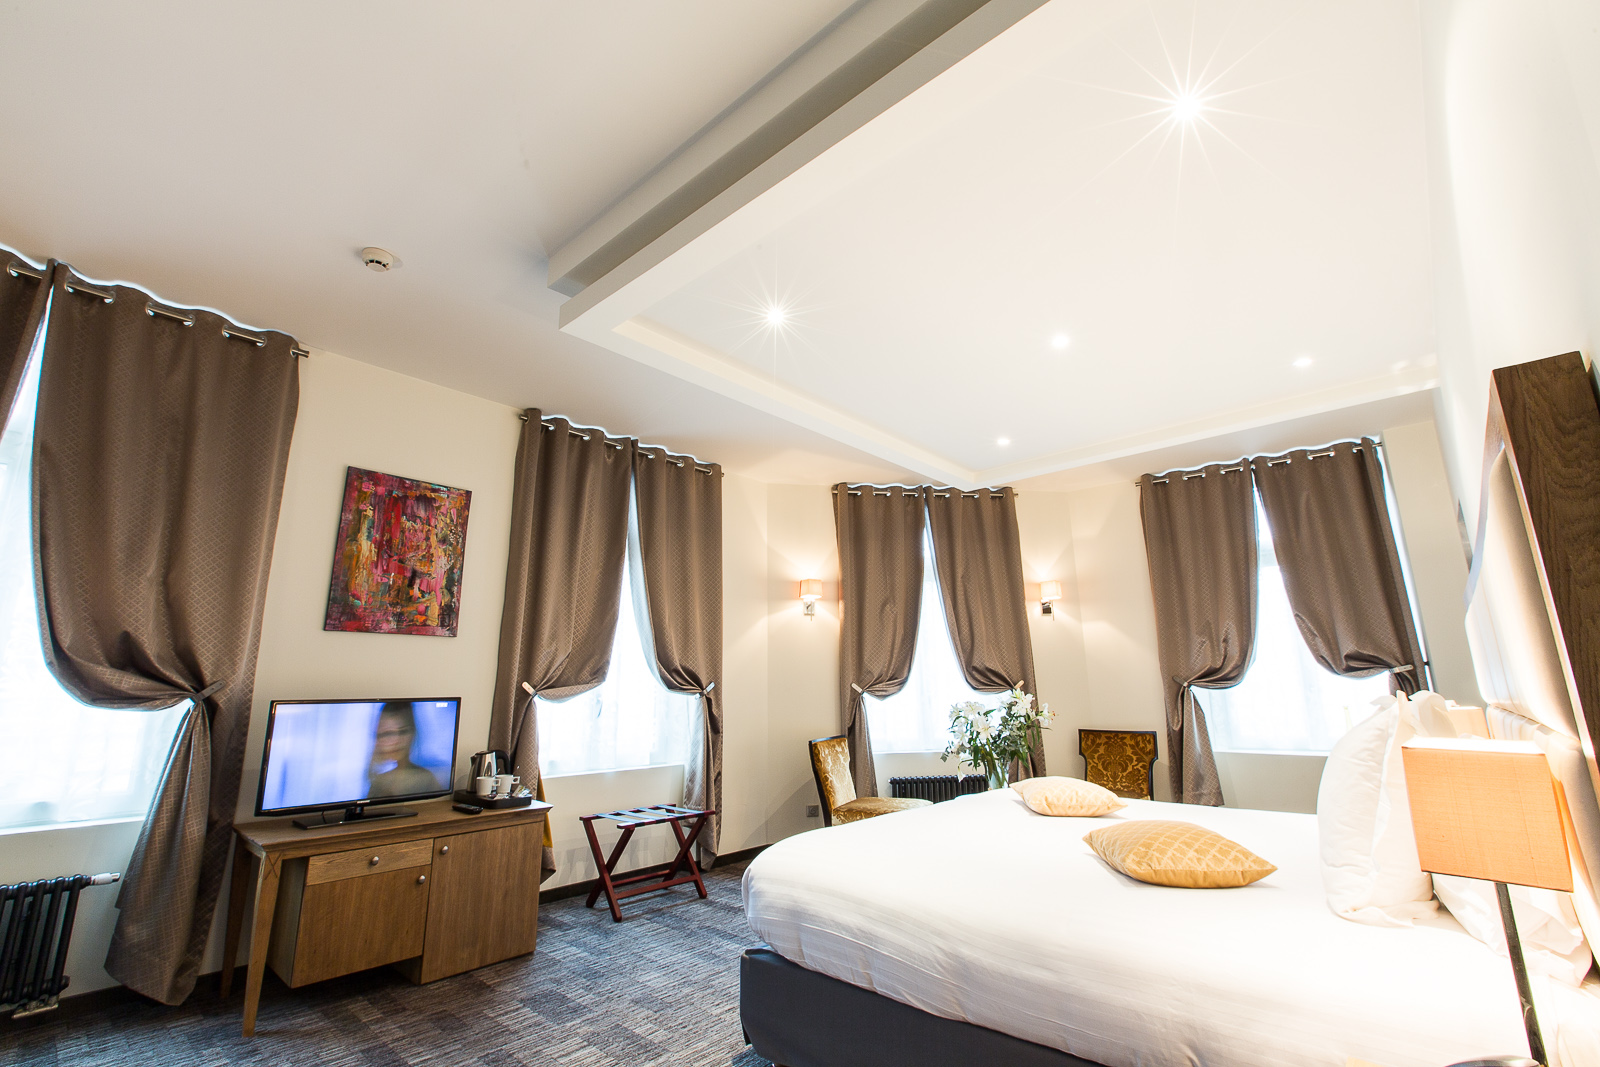 Hotel Marotte chambre confort fenetre